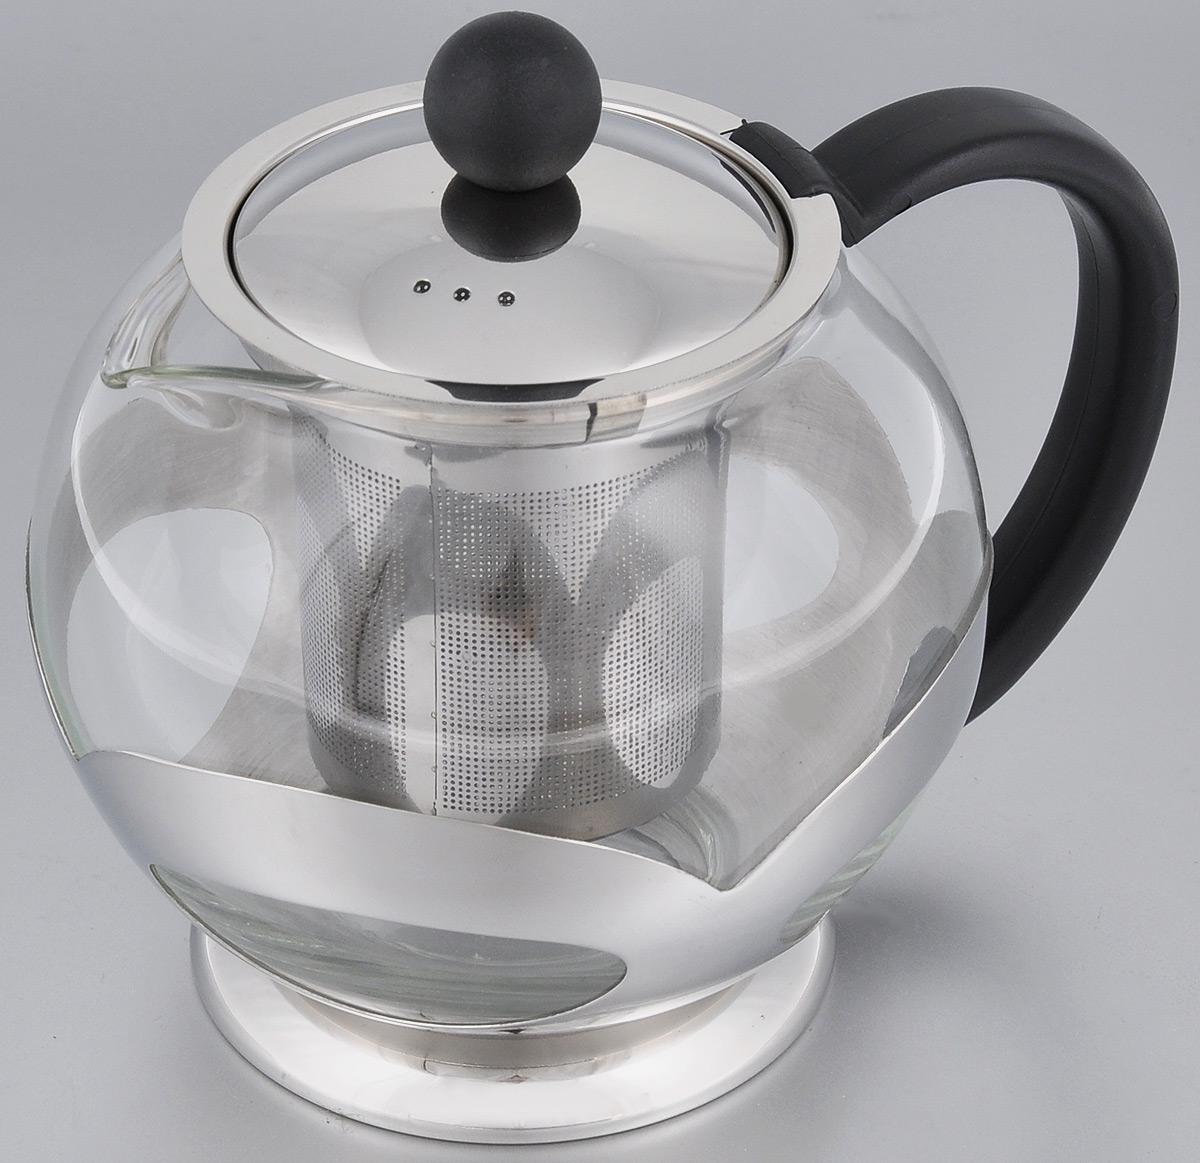 Чайник заварочный Miolla, с фильтром, 750 мл115510Заварочный чайник Miolla, изготовленный из термостойкого стекла, предоставит вам все необходимые возможности для успешного заваривания чая. Чай в таком чайнике дольше остается горячим, а полезные и ароматические вещества полностью сохраняются в напитке. Чайник оснащен фильтром, который выполнен из нержавеющей стали. Простой и удобный чайник поможет вам приготовить крепкий, ароматный чай.Нельзя мыть в посудомоечной машине. Не использовать в микроволновой печи.Диаметр чайника (по верхнему краю): 7,5 см.Высота чайника (без учета крышки): 11,5 см.Высота фильтра: 8 см.